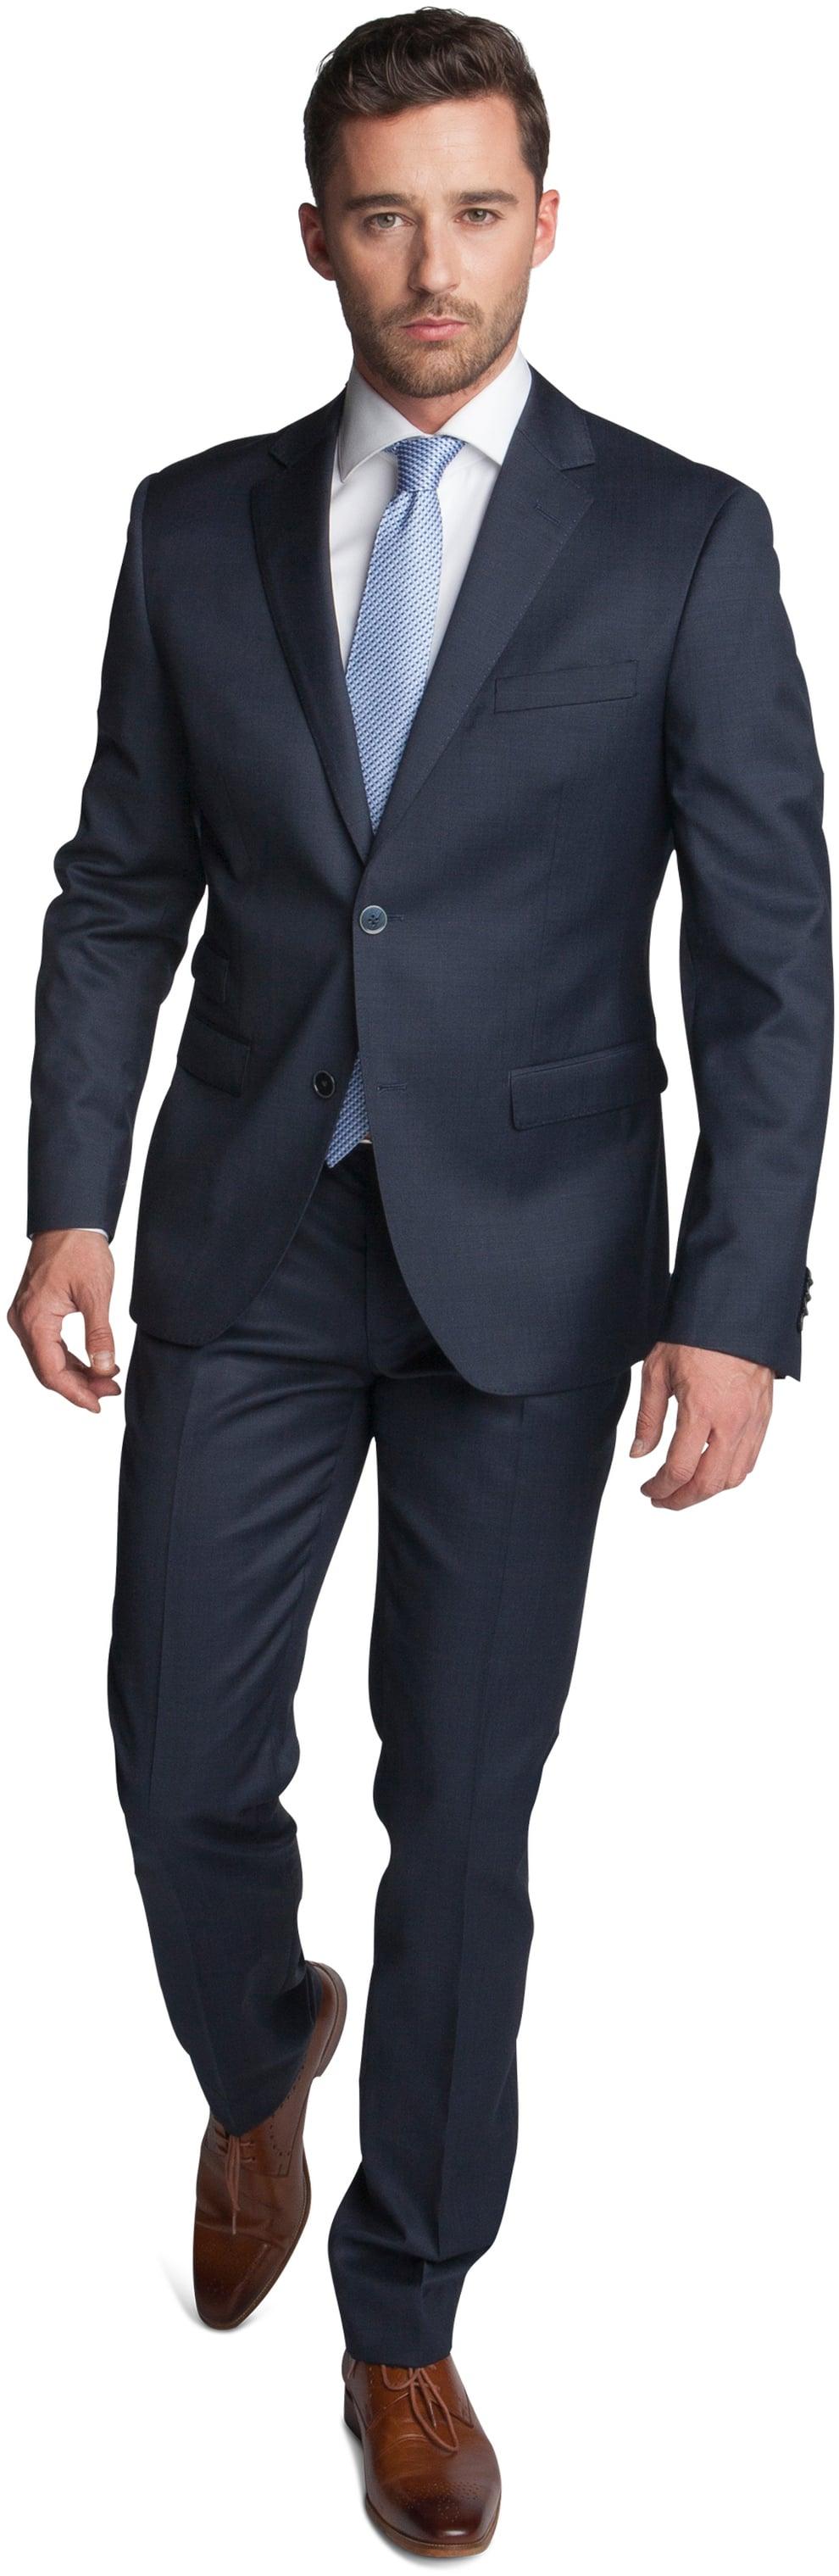 Suitable Suit Lausanne foto 0